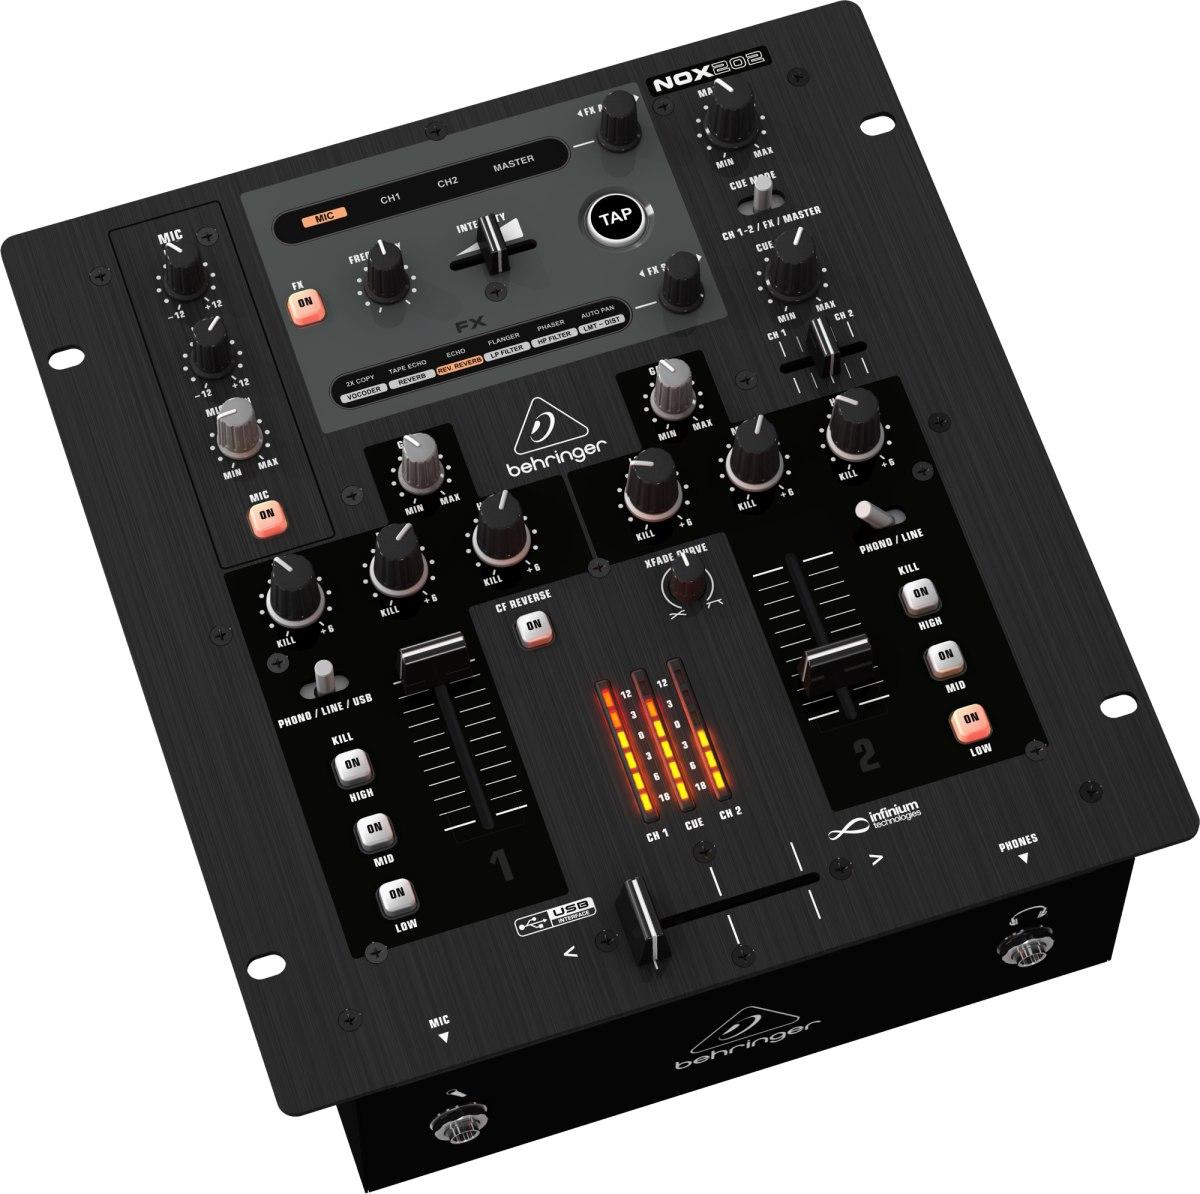 Mesa de som behringer nox202 mixer profissional p dj for Mesas behringer